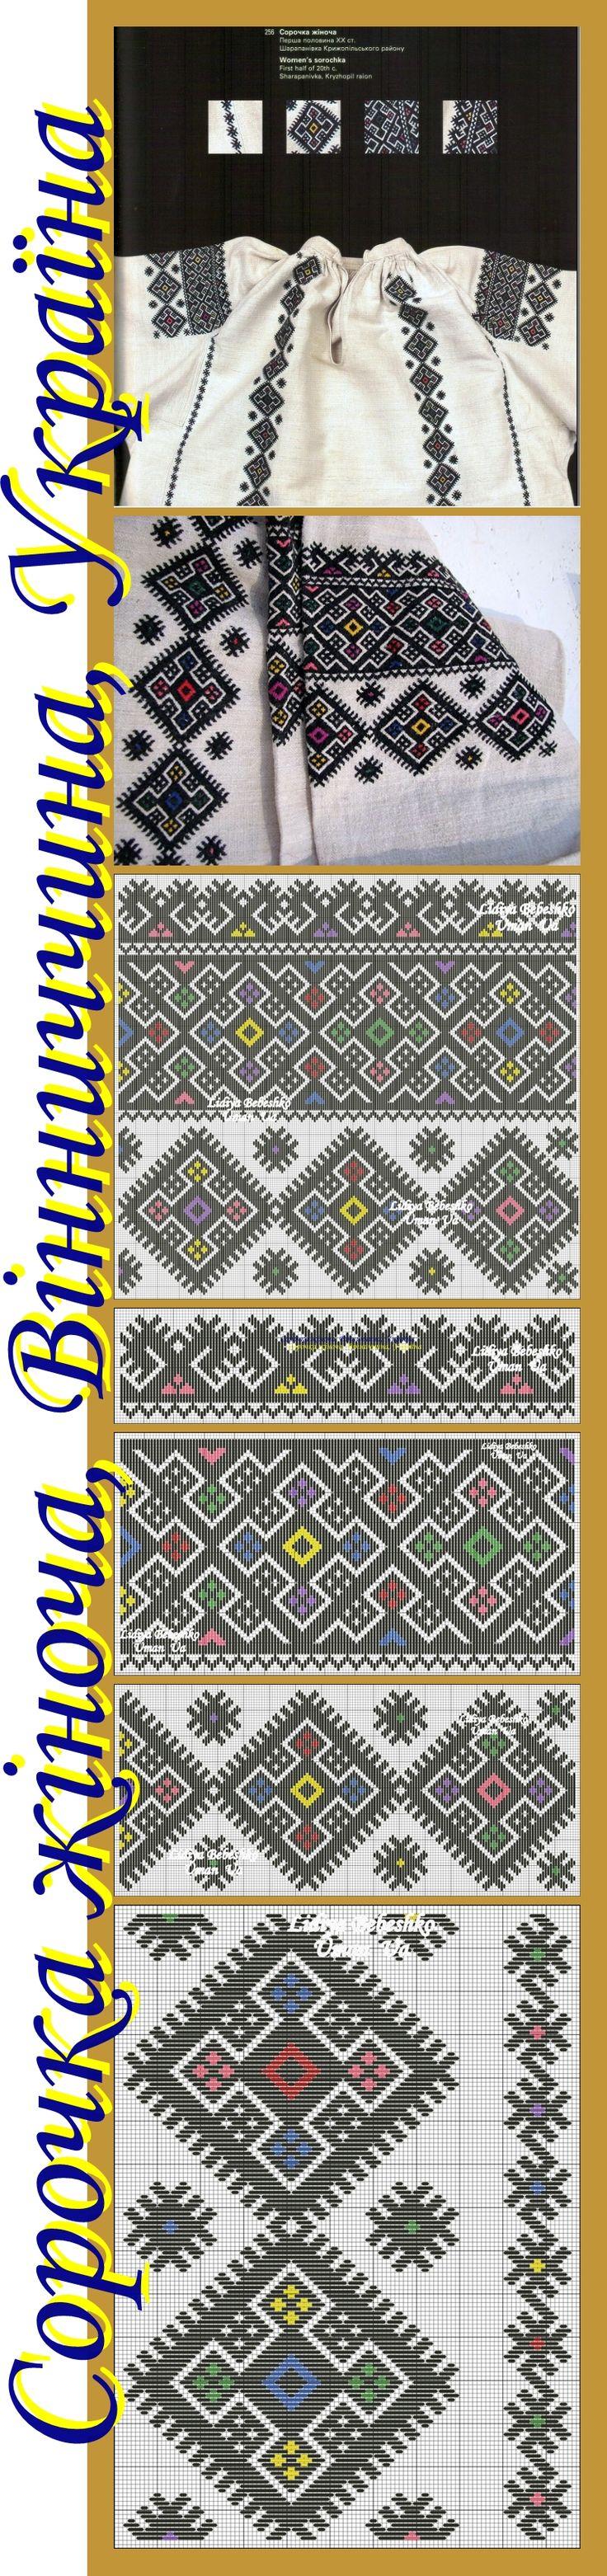 Вишивка на жіночій сорочці з Вінниччини, Східне Поділля, Україна